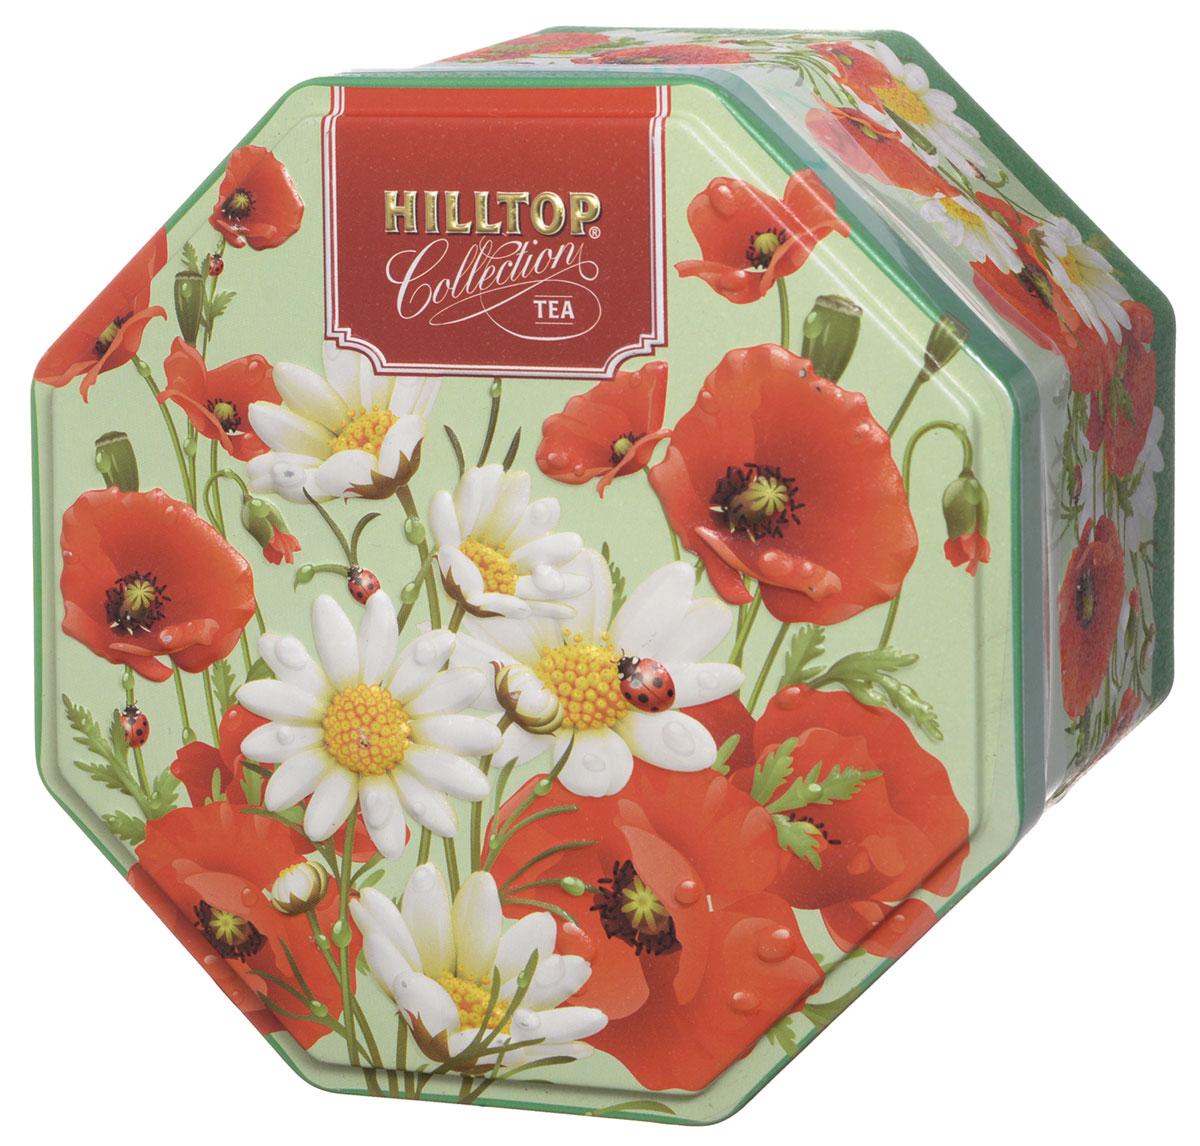 Hilltop Букет цветов. Цейлонское утро черный листовой чай, 150 г0120710Hilltop Букет цветов. Цейлонское утро - классический цейлонский черный чай с мягким ароматом, терпко-сладким вкусом и тонизирующими свойствами.